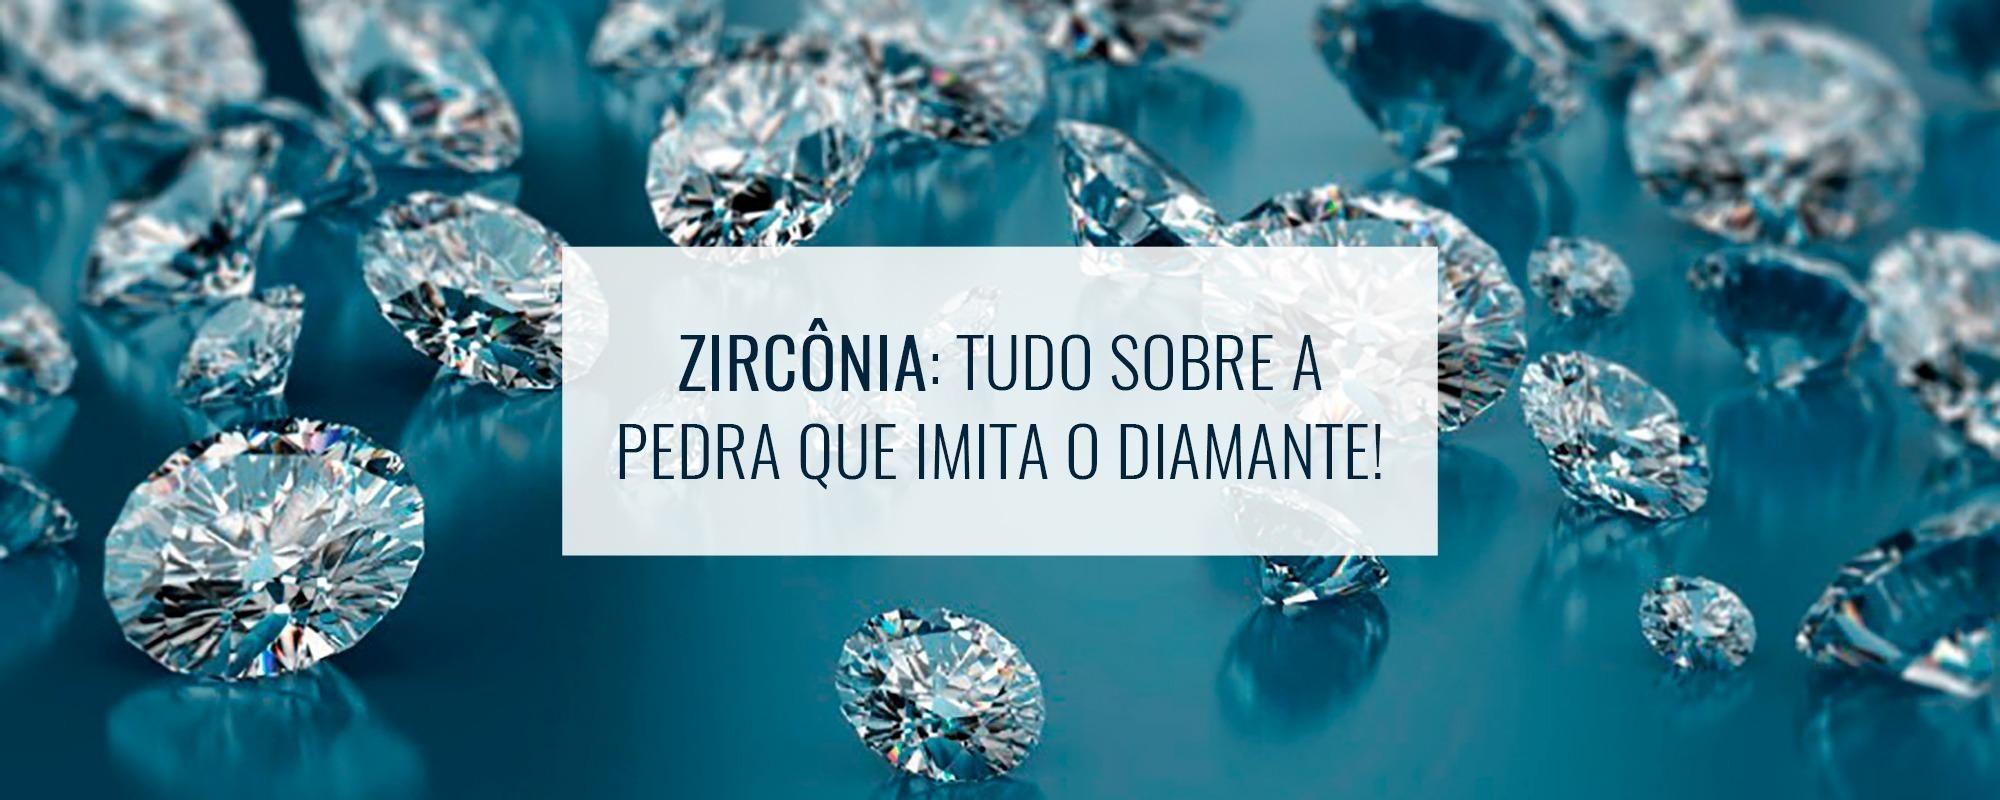 O que é Zircônia? A pedra que parece um diamante